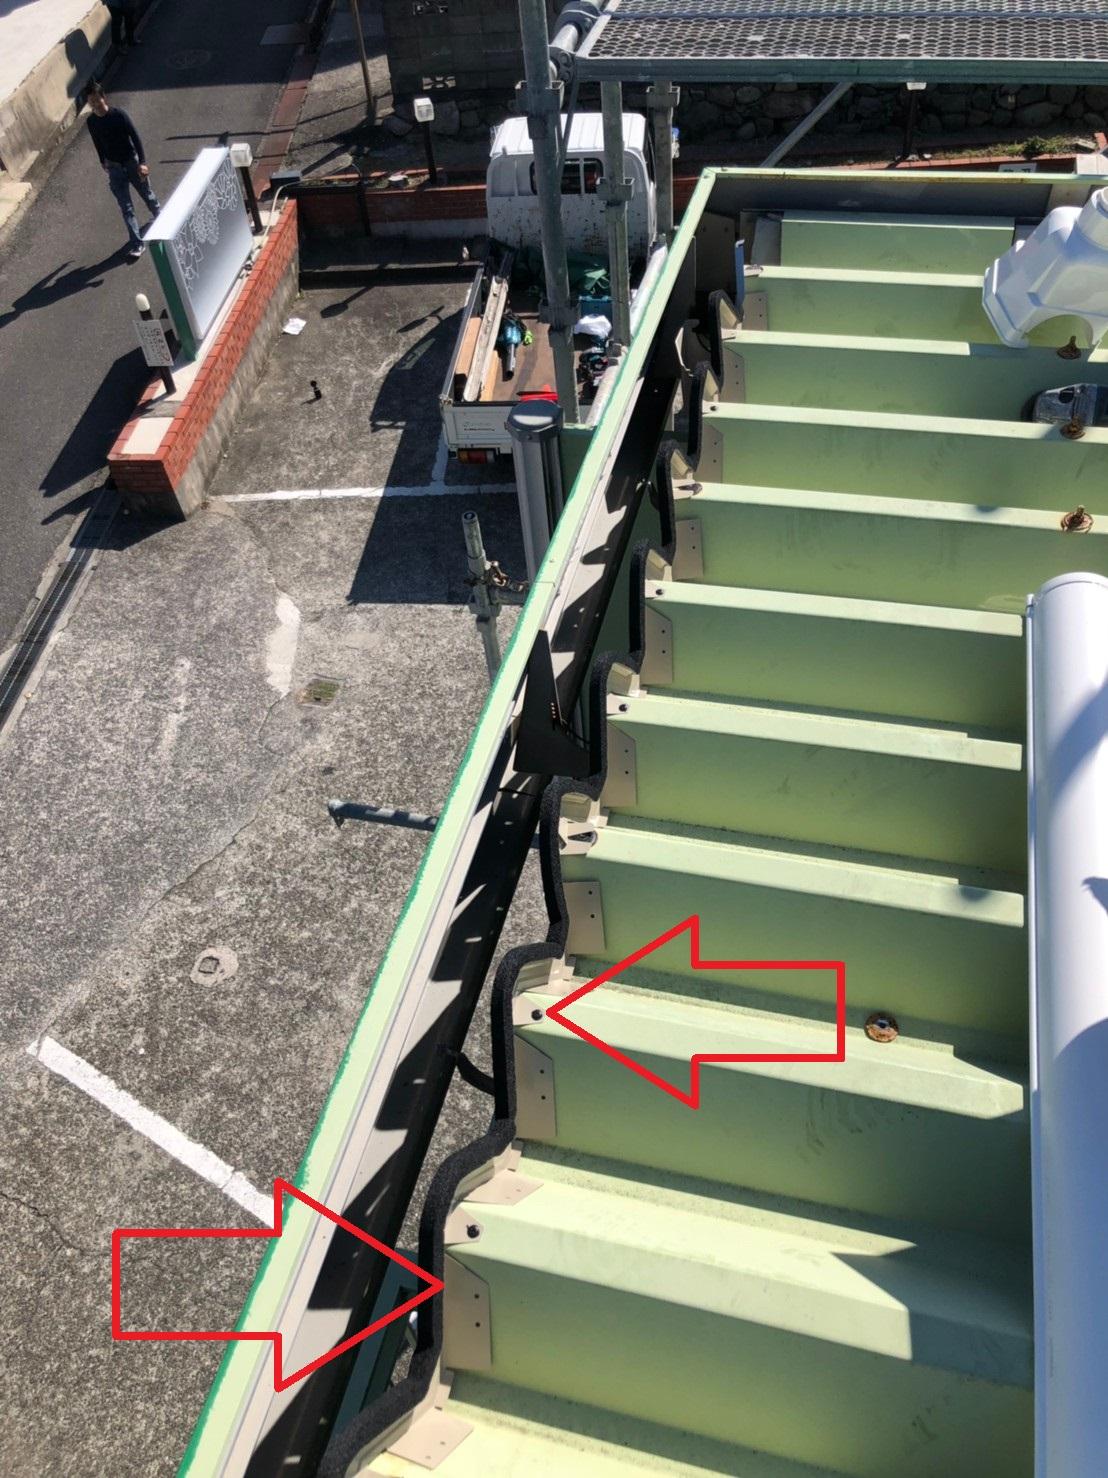 明石市での屋根工事で軒先に板金と防水シーラーを取り付けた様子